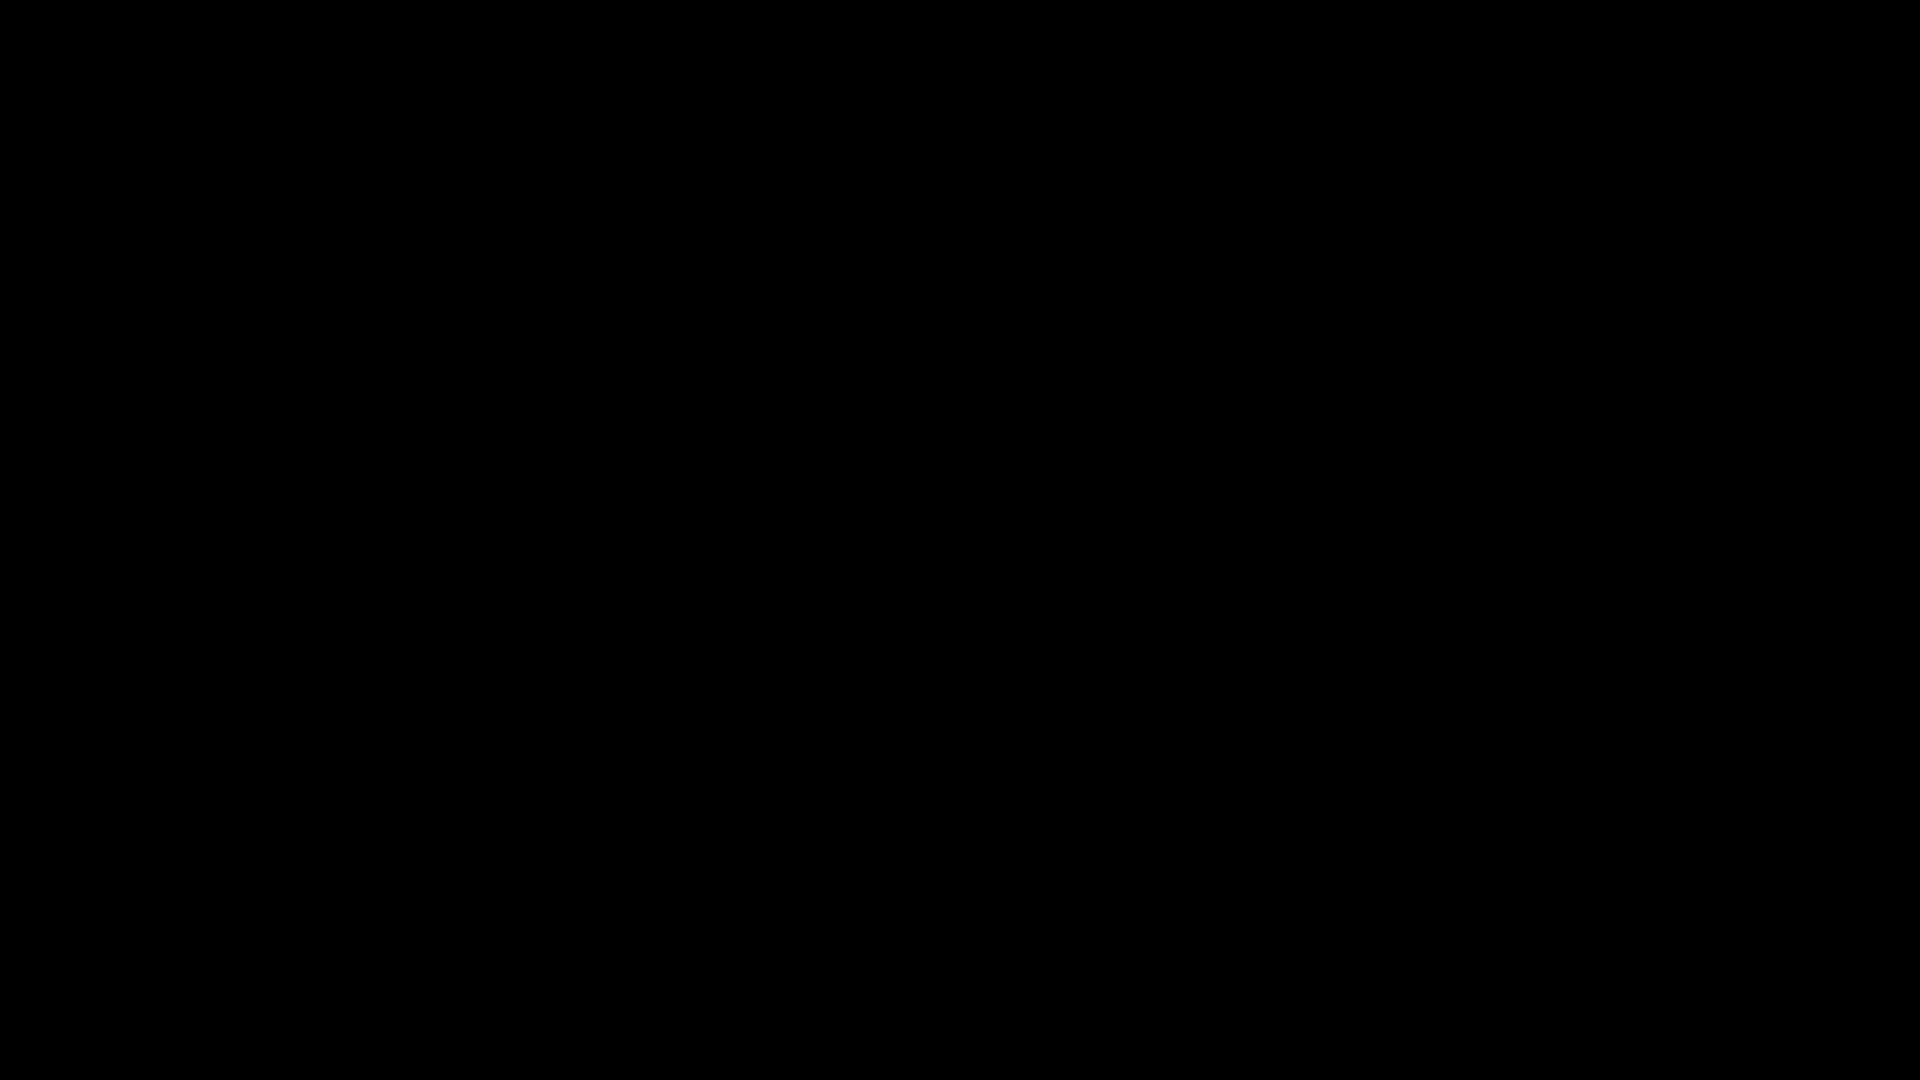 Copy of 9_19_18_vertimax_raptor_20